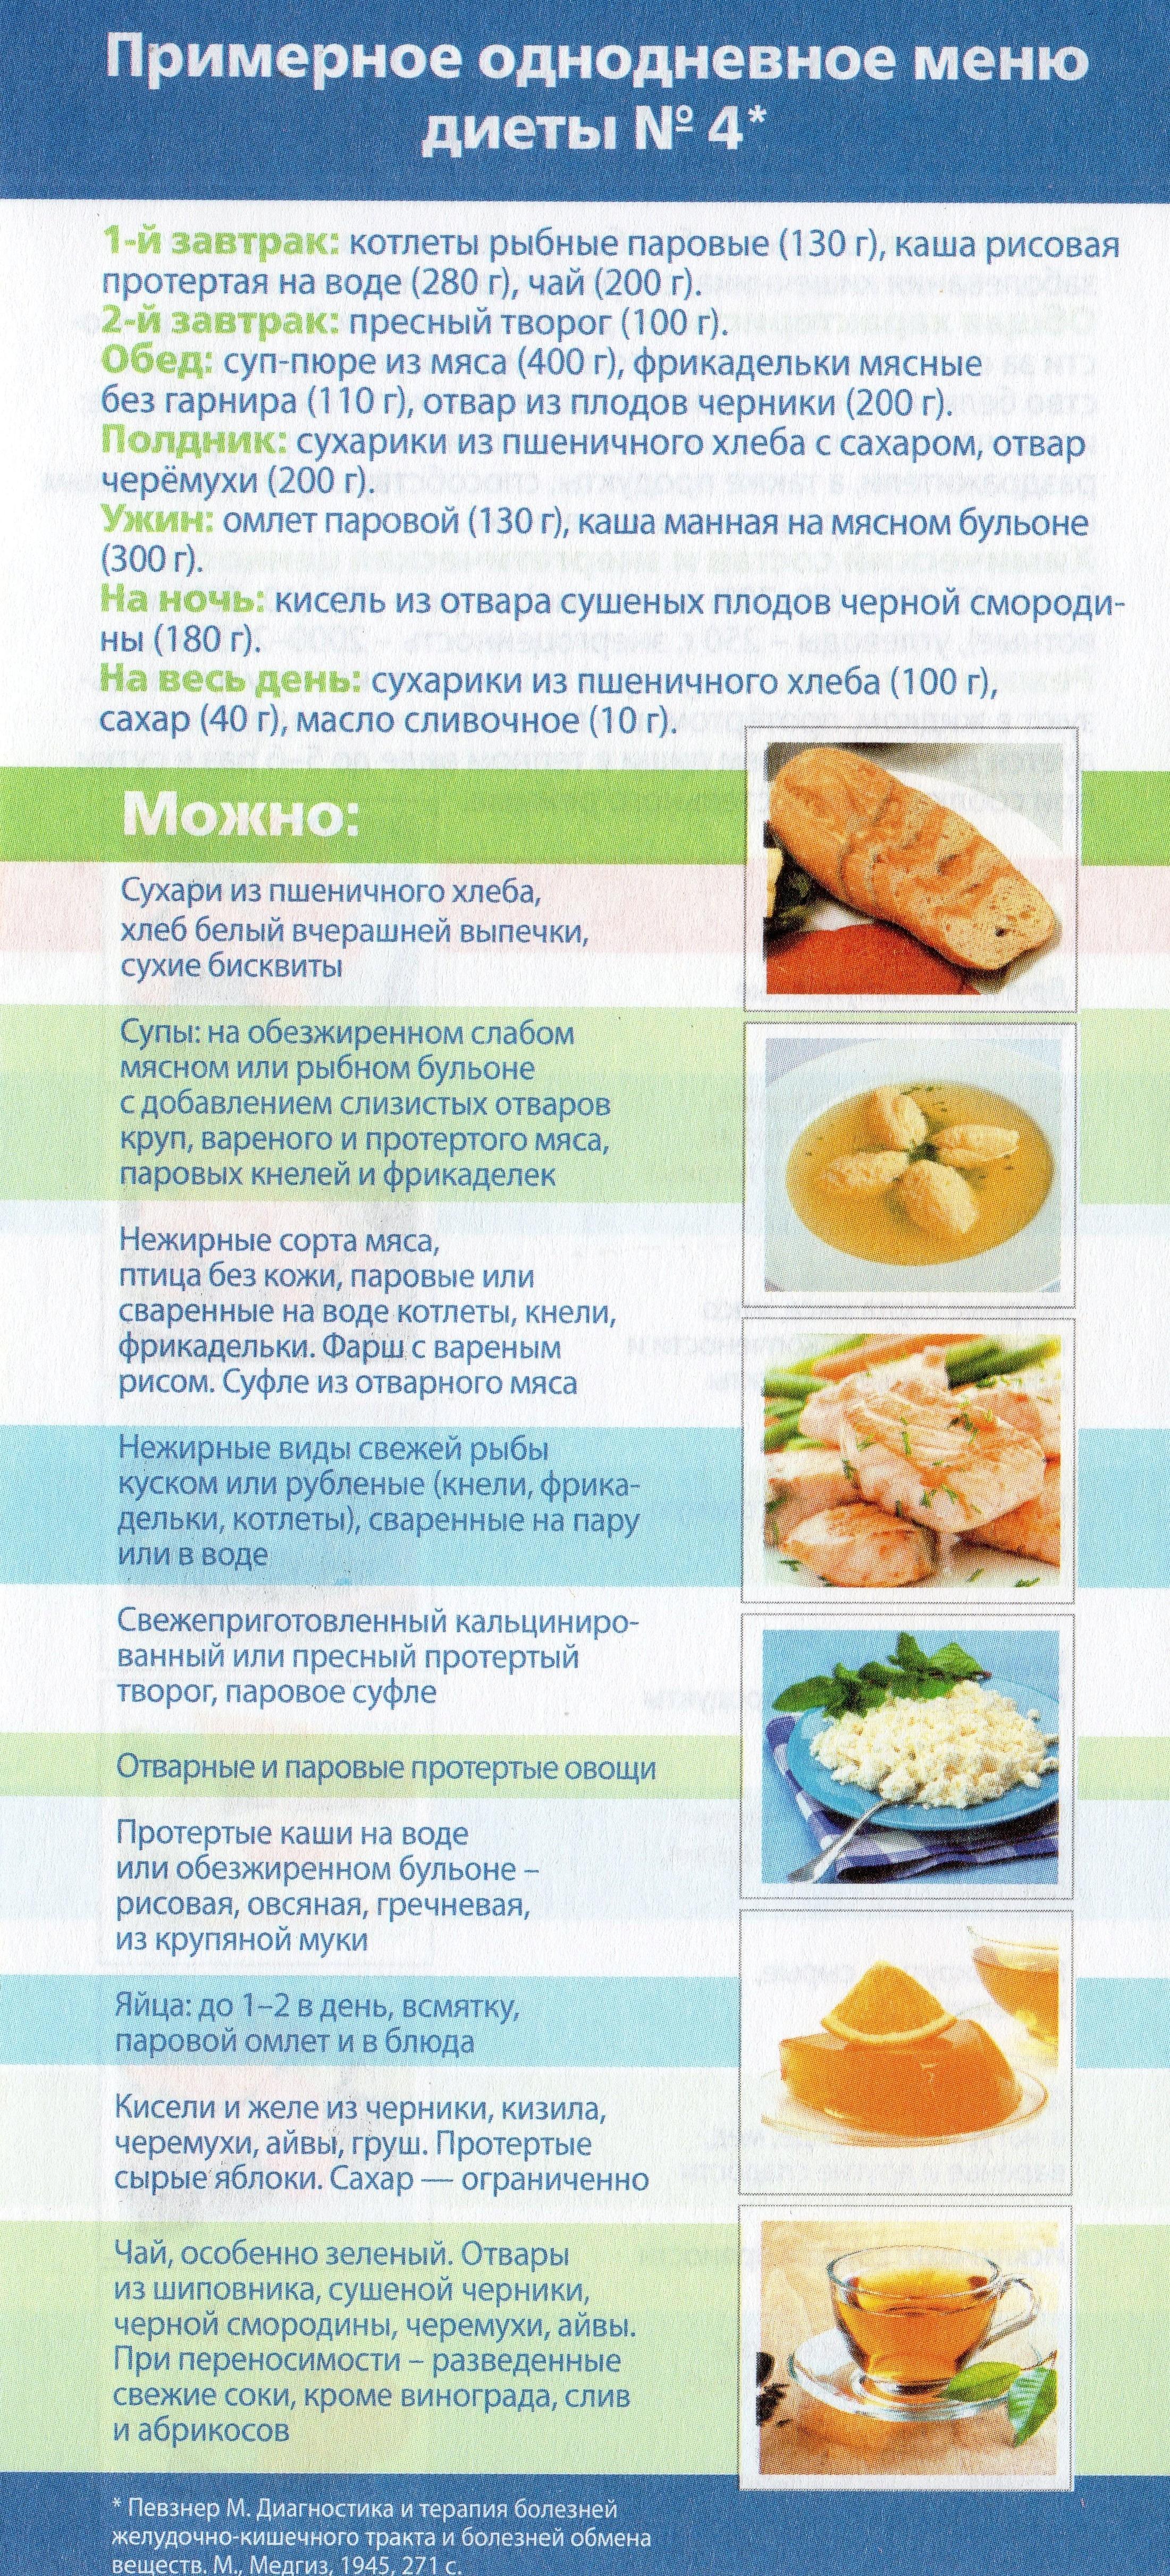 Примерное меню диеты №4